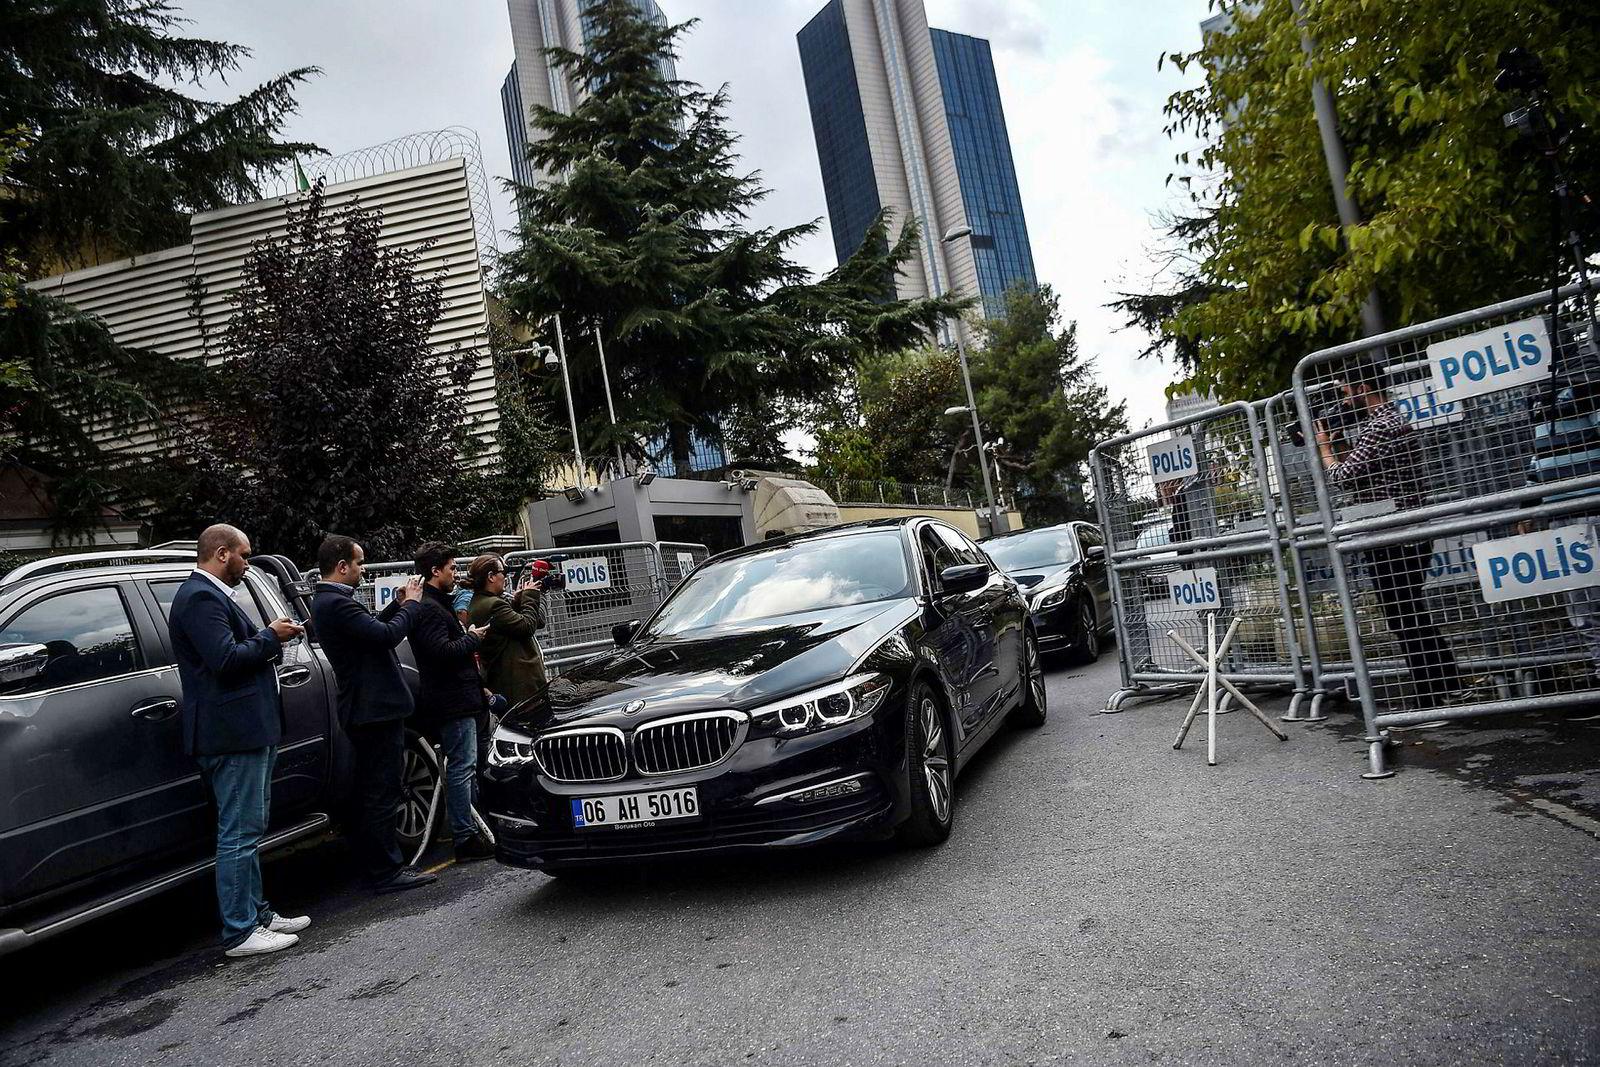 En bil med diplomatskilter kjører ut fra det strengt bevoktede saudiske konsulatet i Istanbul. Det er her Tyrkia hevder journalisten Jamal Khashoggi ble drept.